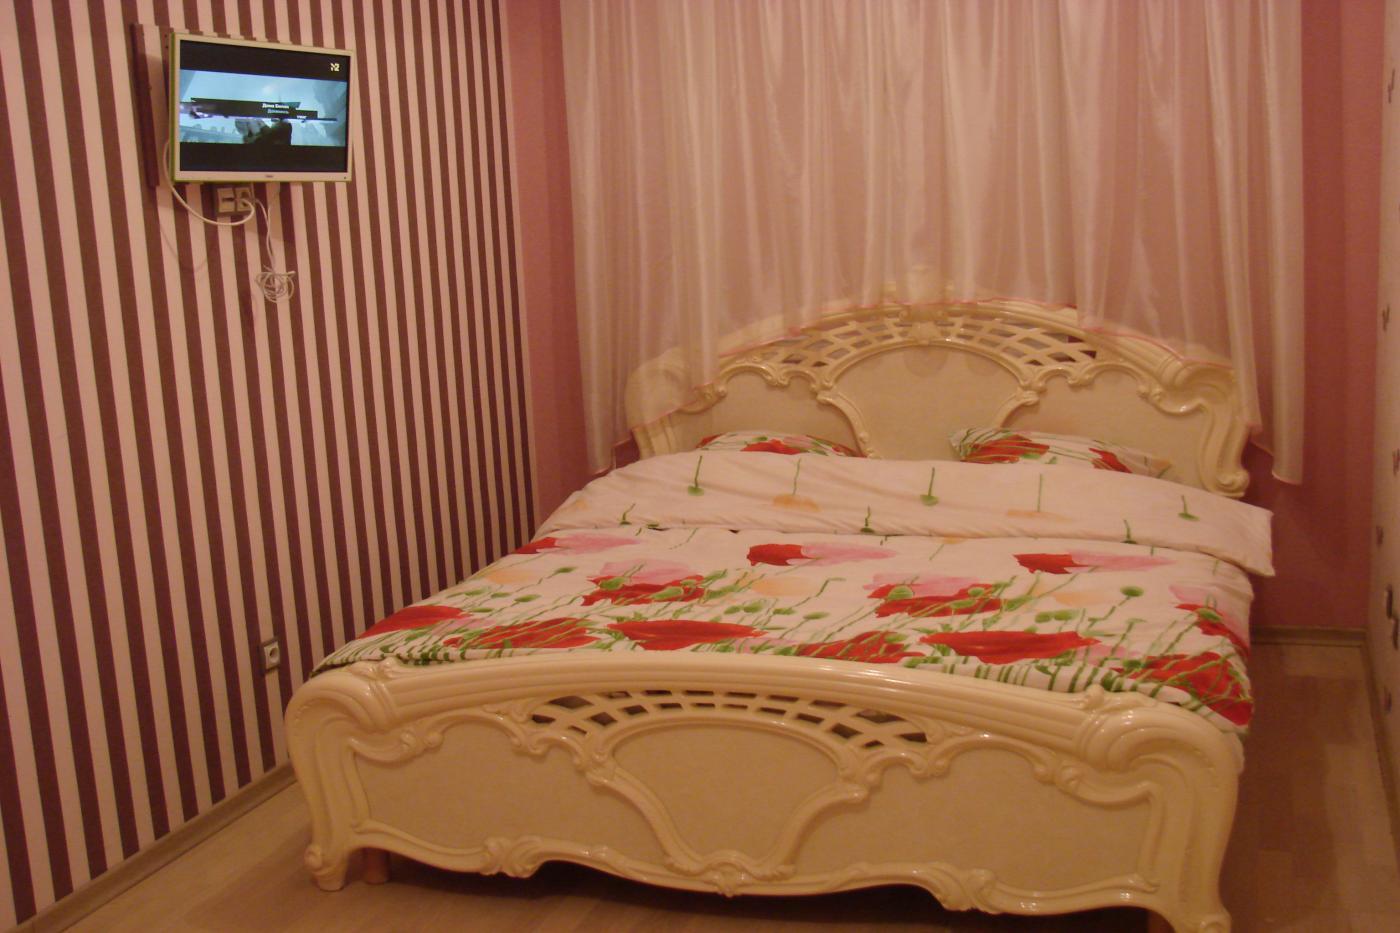 2-комнатная квартира посуточно (вариант № 2247), ул. Большая Морская улица, фото № 6